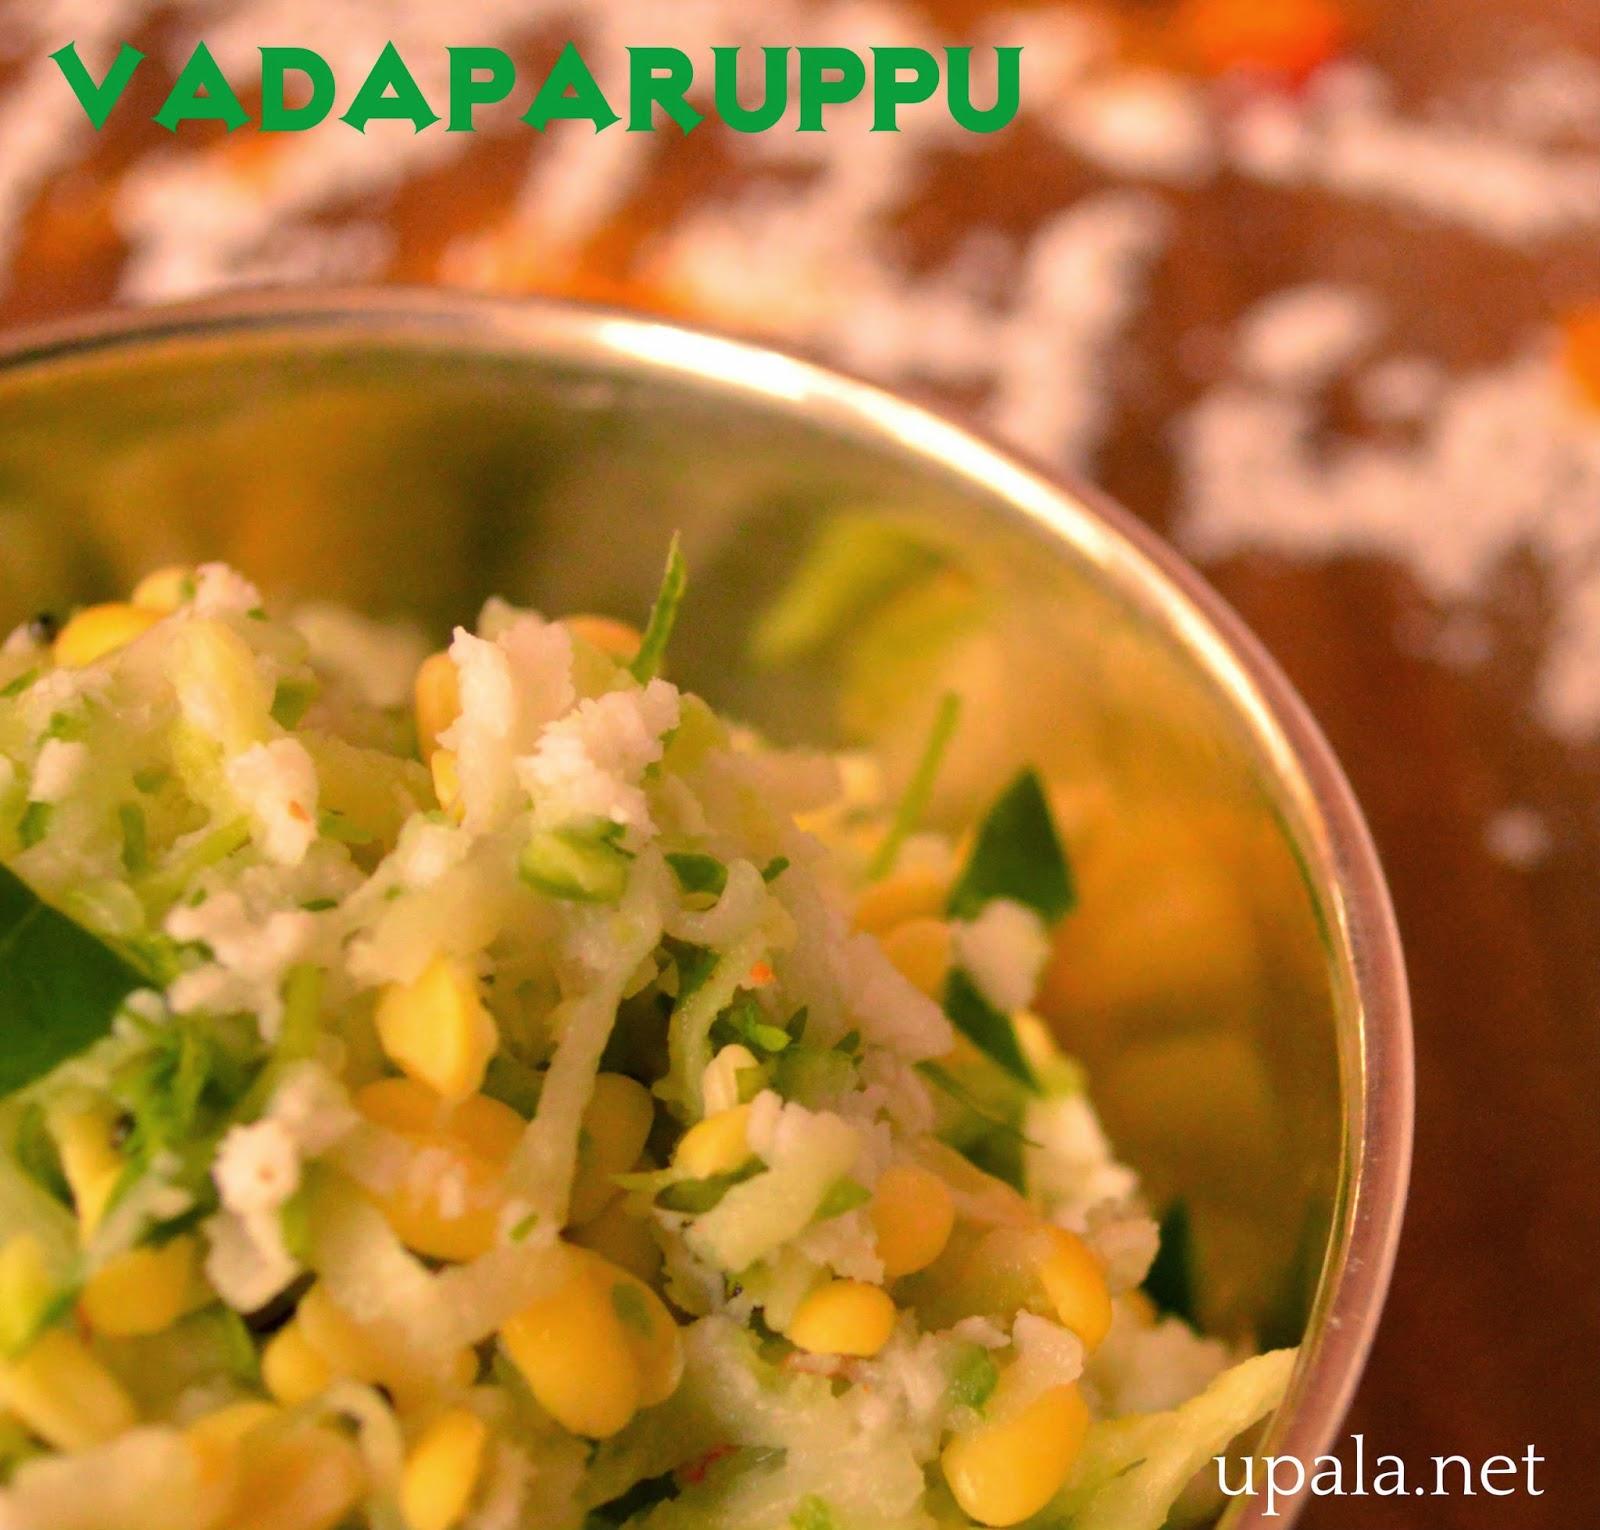 Vada paruppu/Moong dal Salad/Kosambari